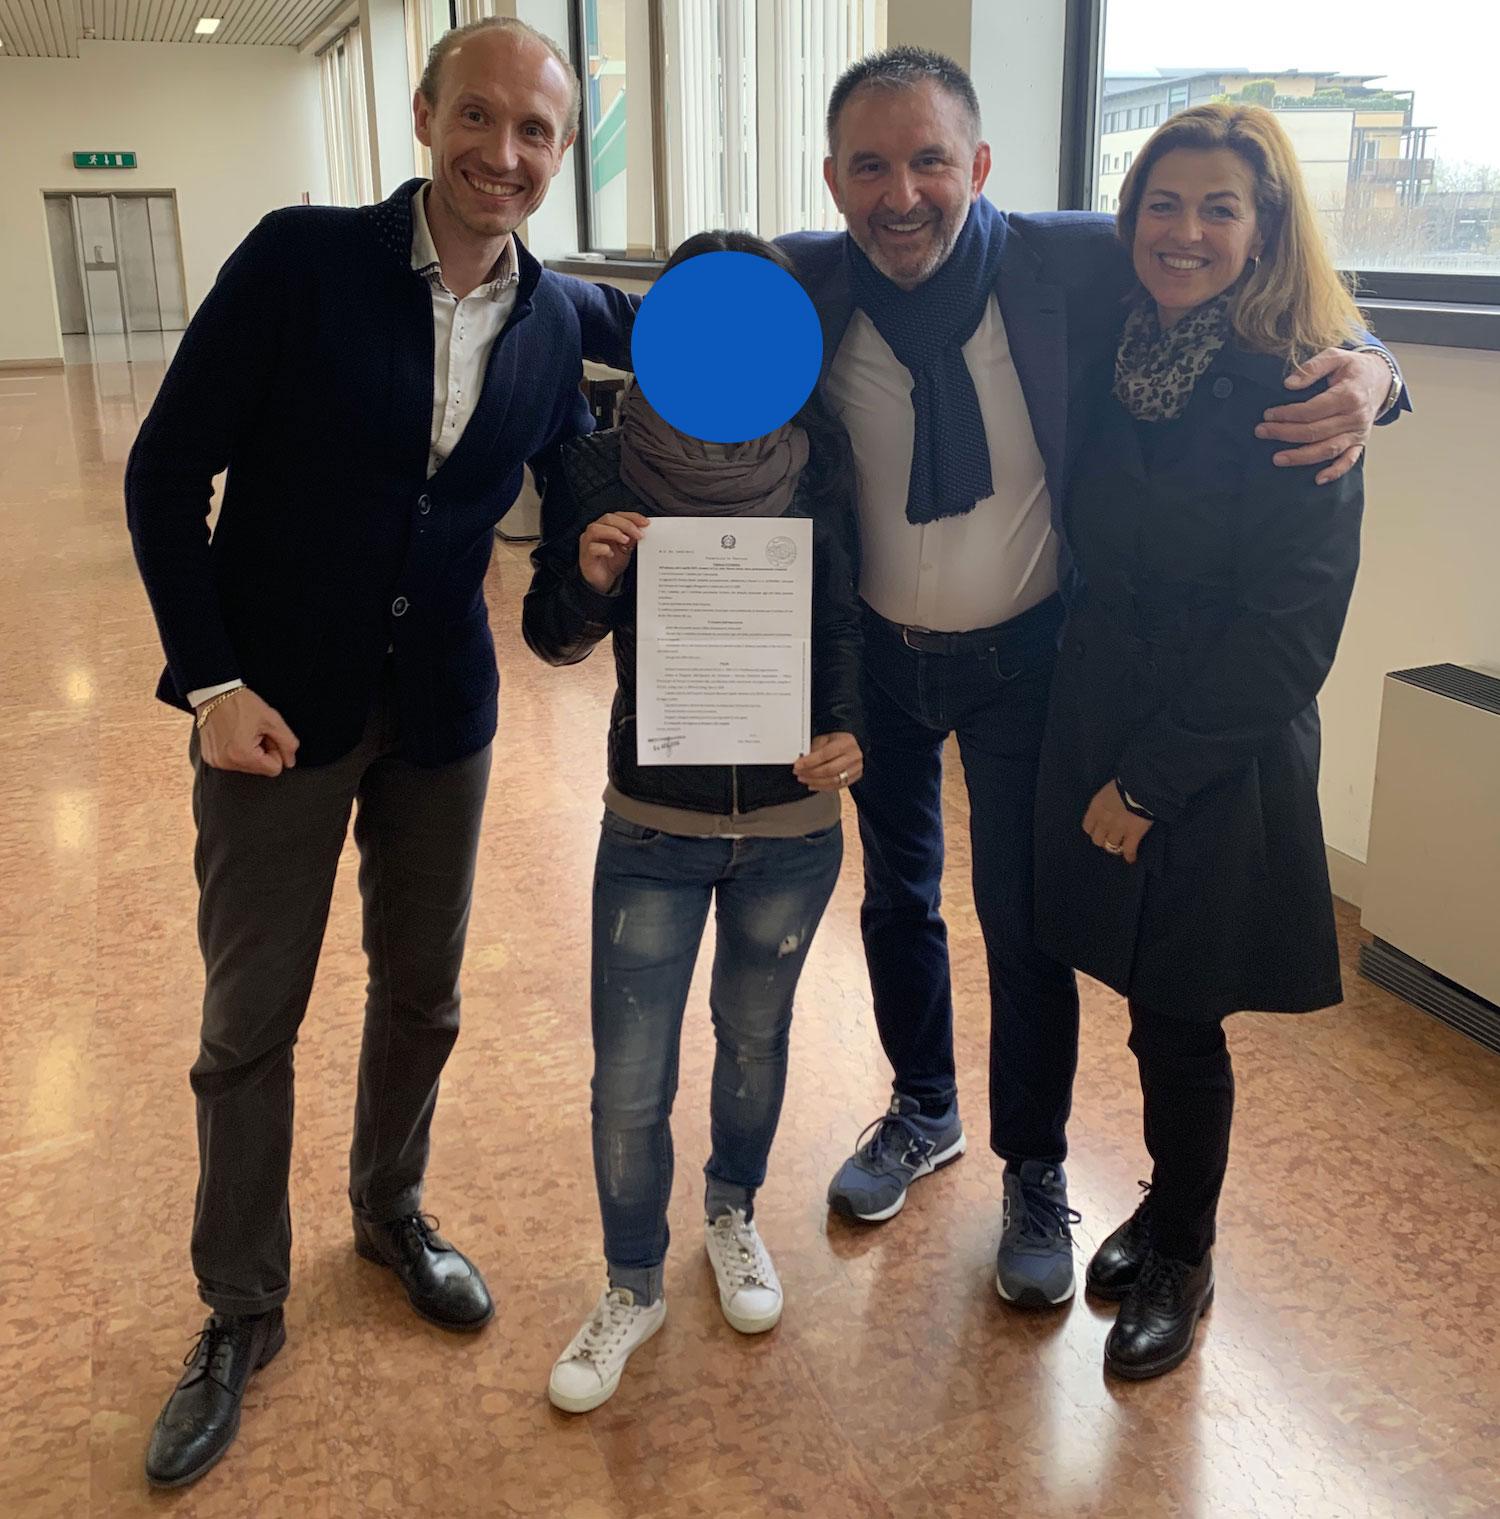 Stralcio-Sarah-Giaver-TV-2019-Oscurata